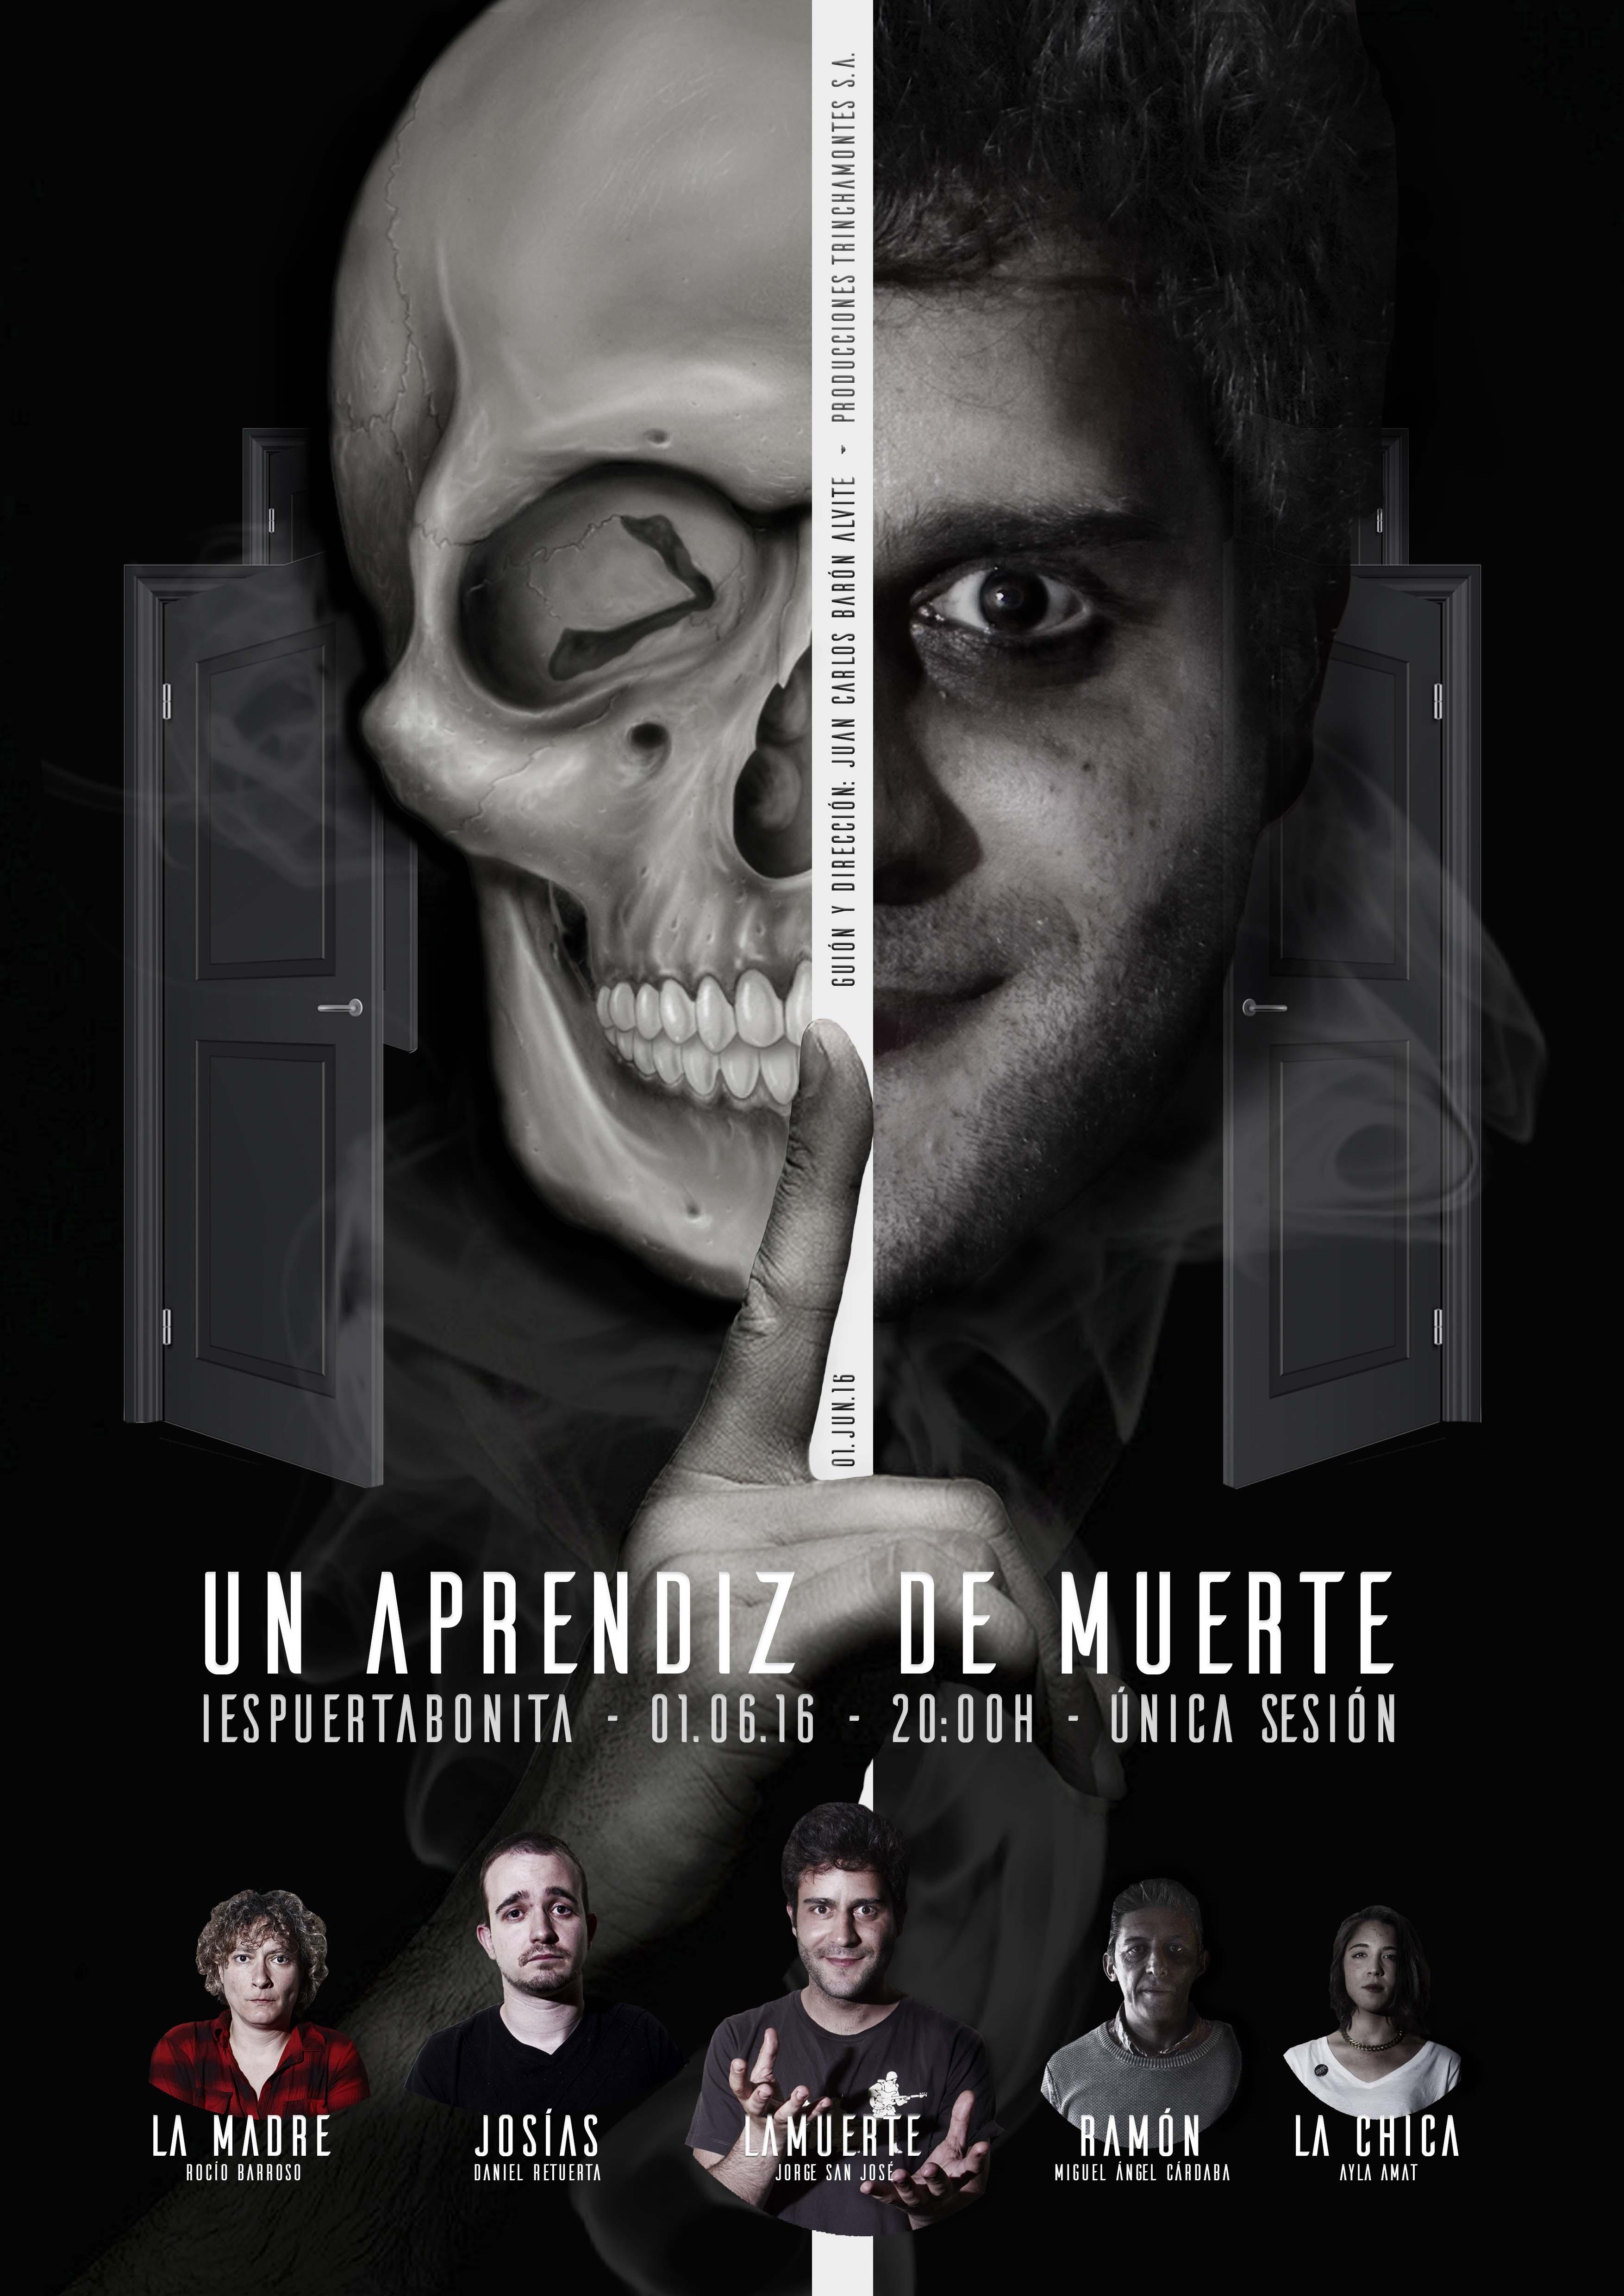 """Cartel obra """"Un aprendiz de muerte"""" Beaesreal.es"""